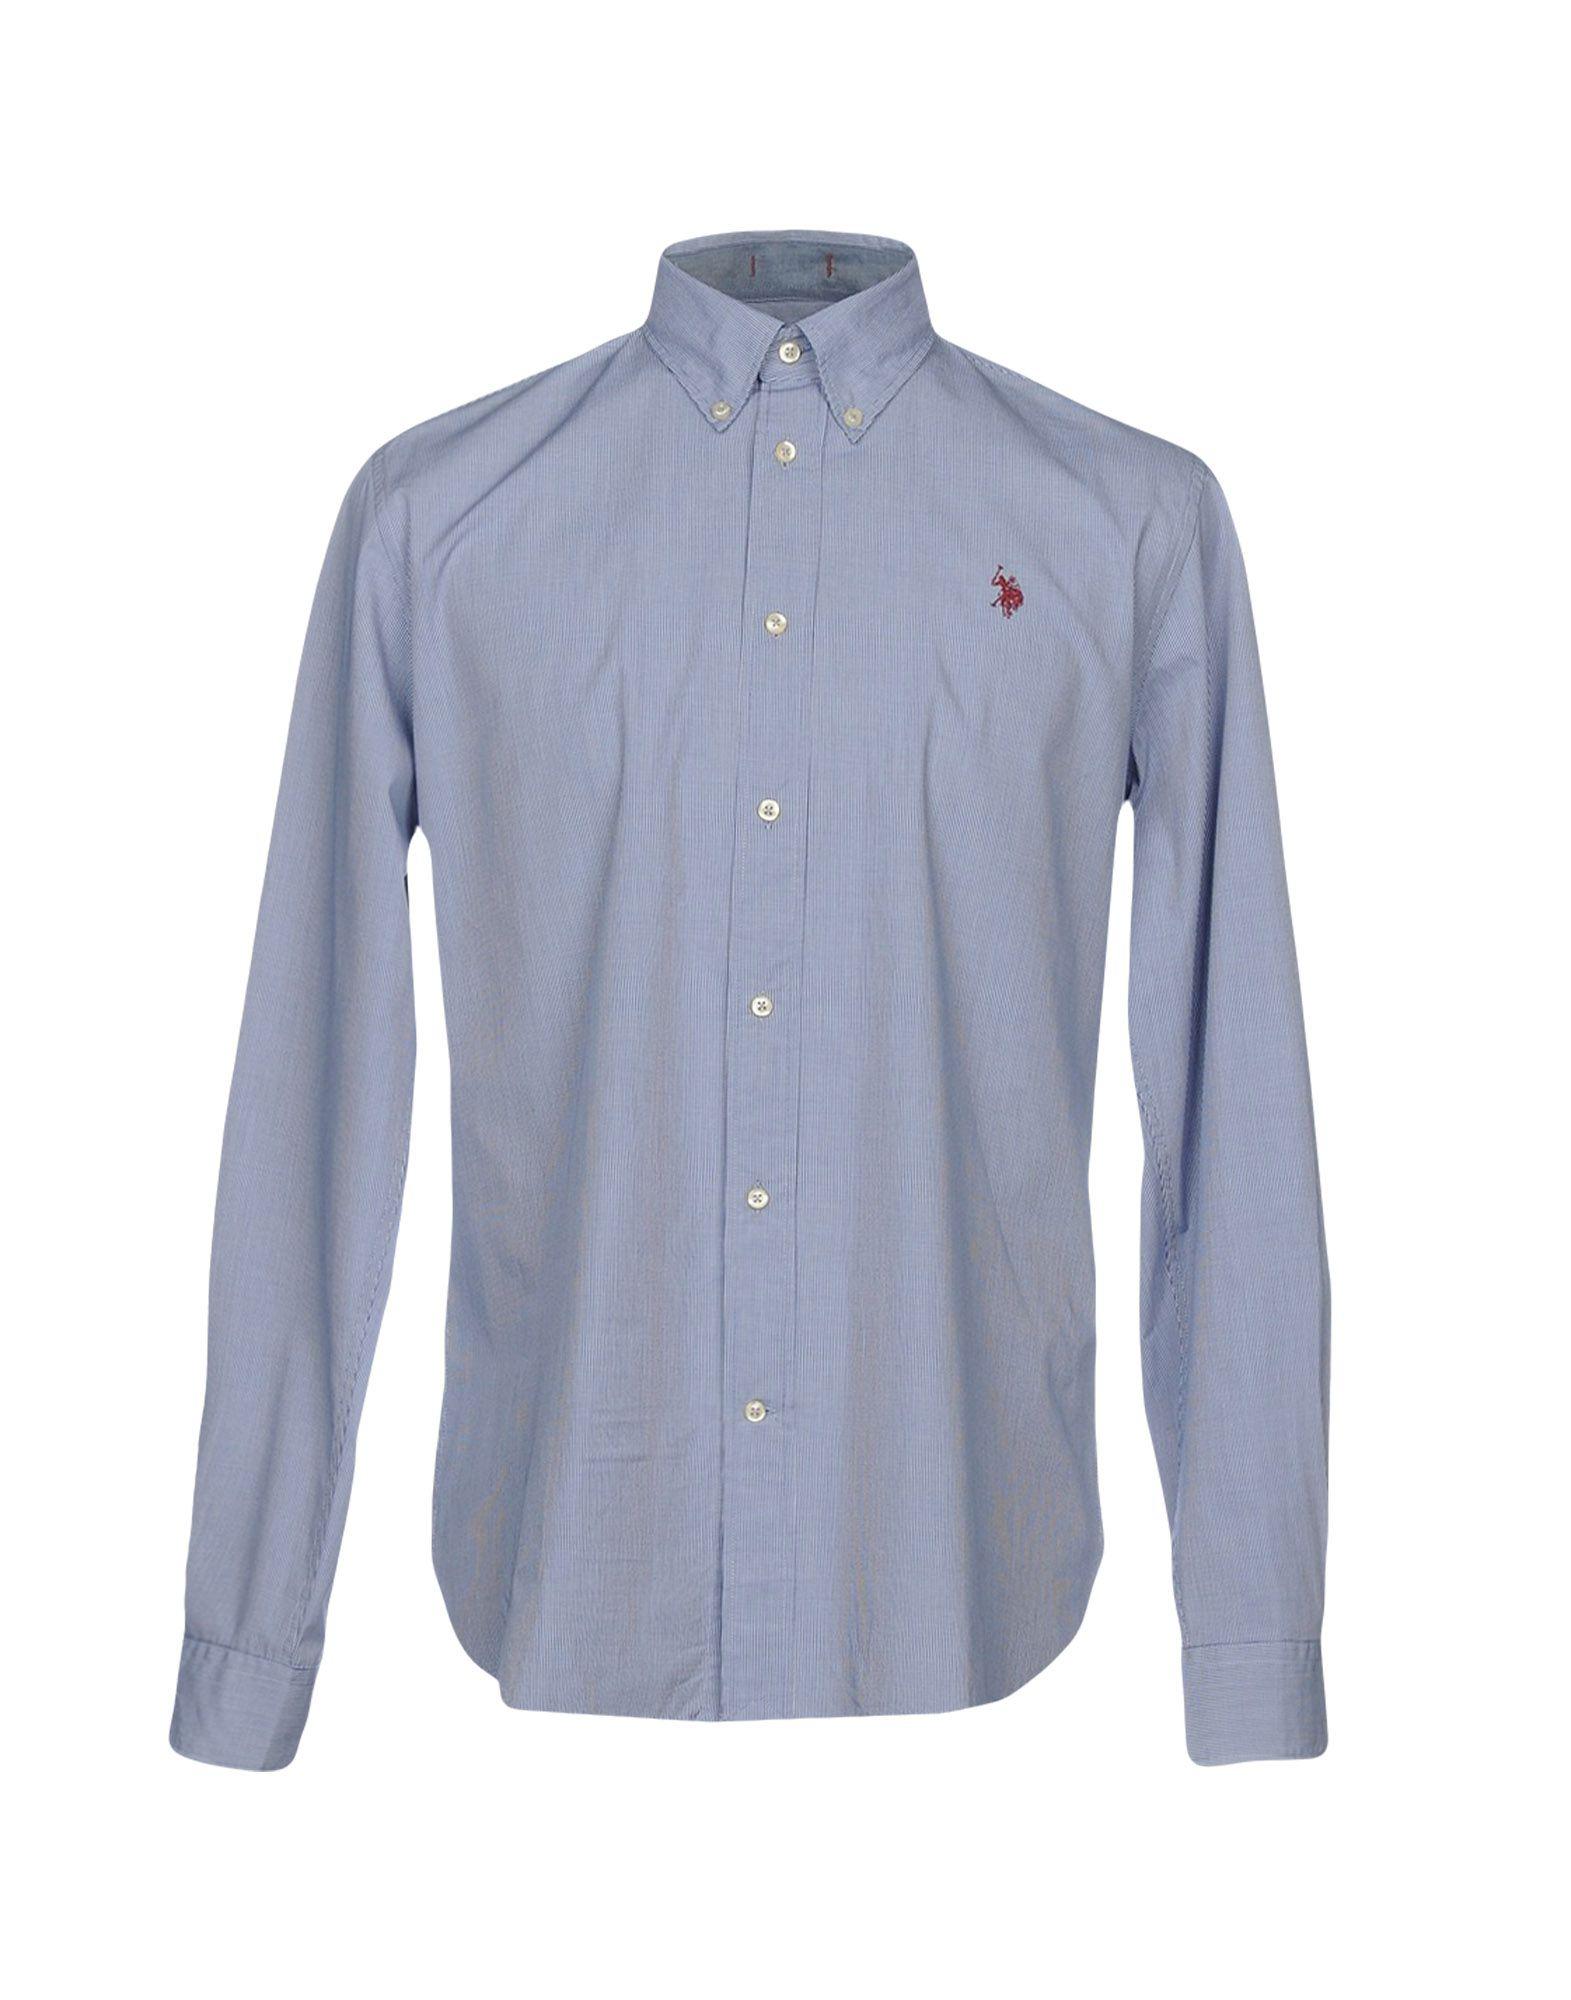 Camicia A Quadri U.S.Polo Assn. uomo - 38733323LD 38733323LD  einzigartiges Design